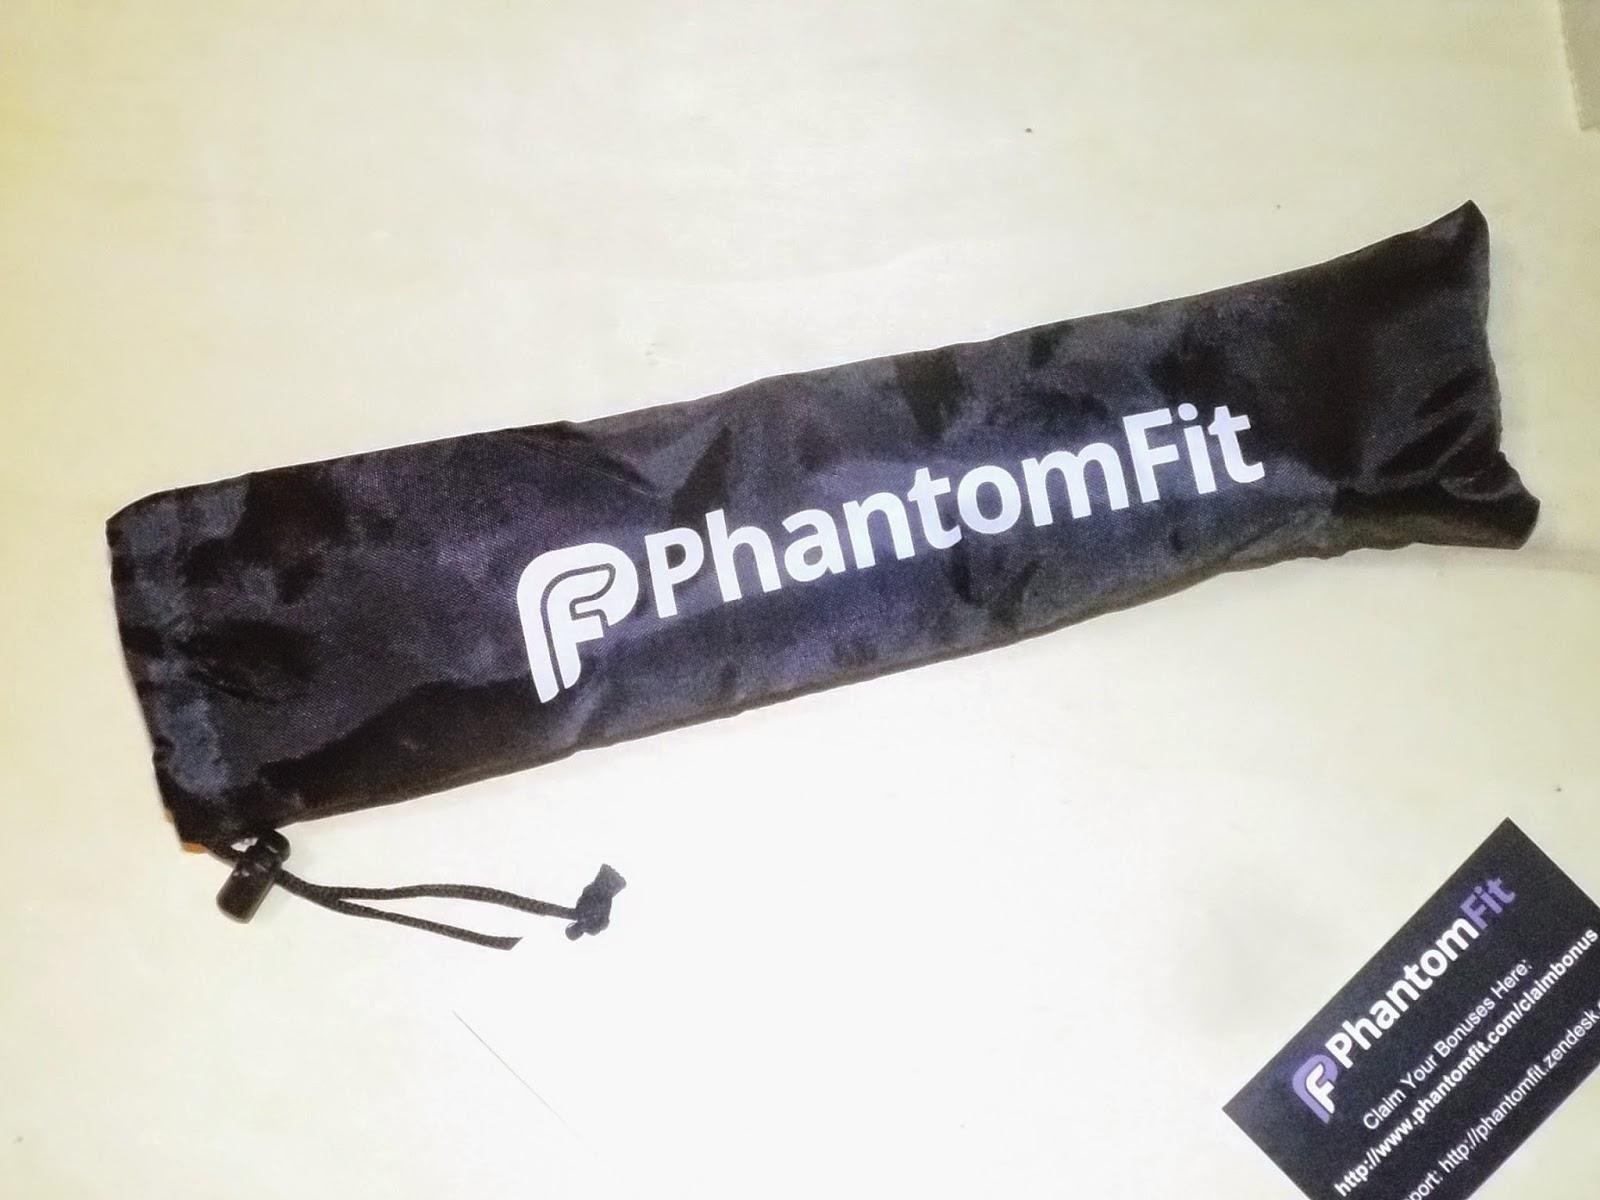 Phantom Wrist Straps